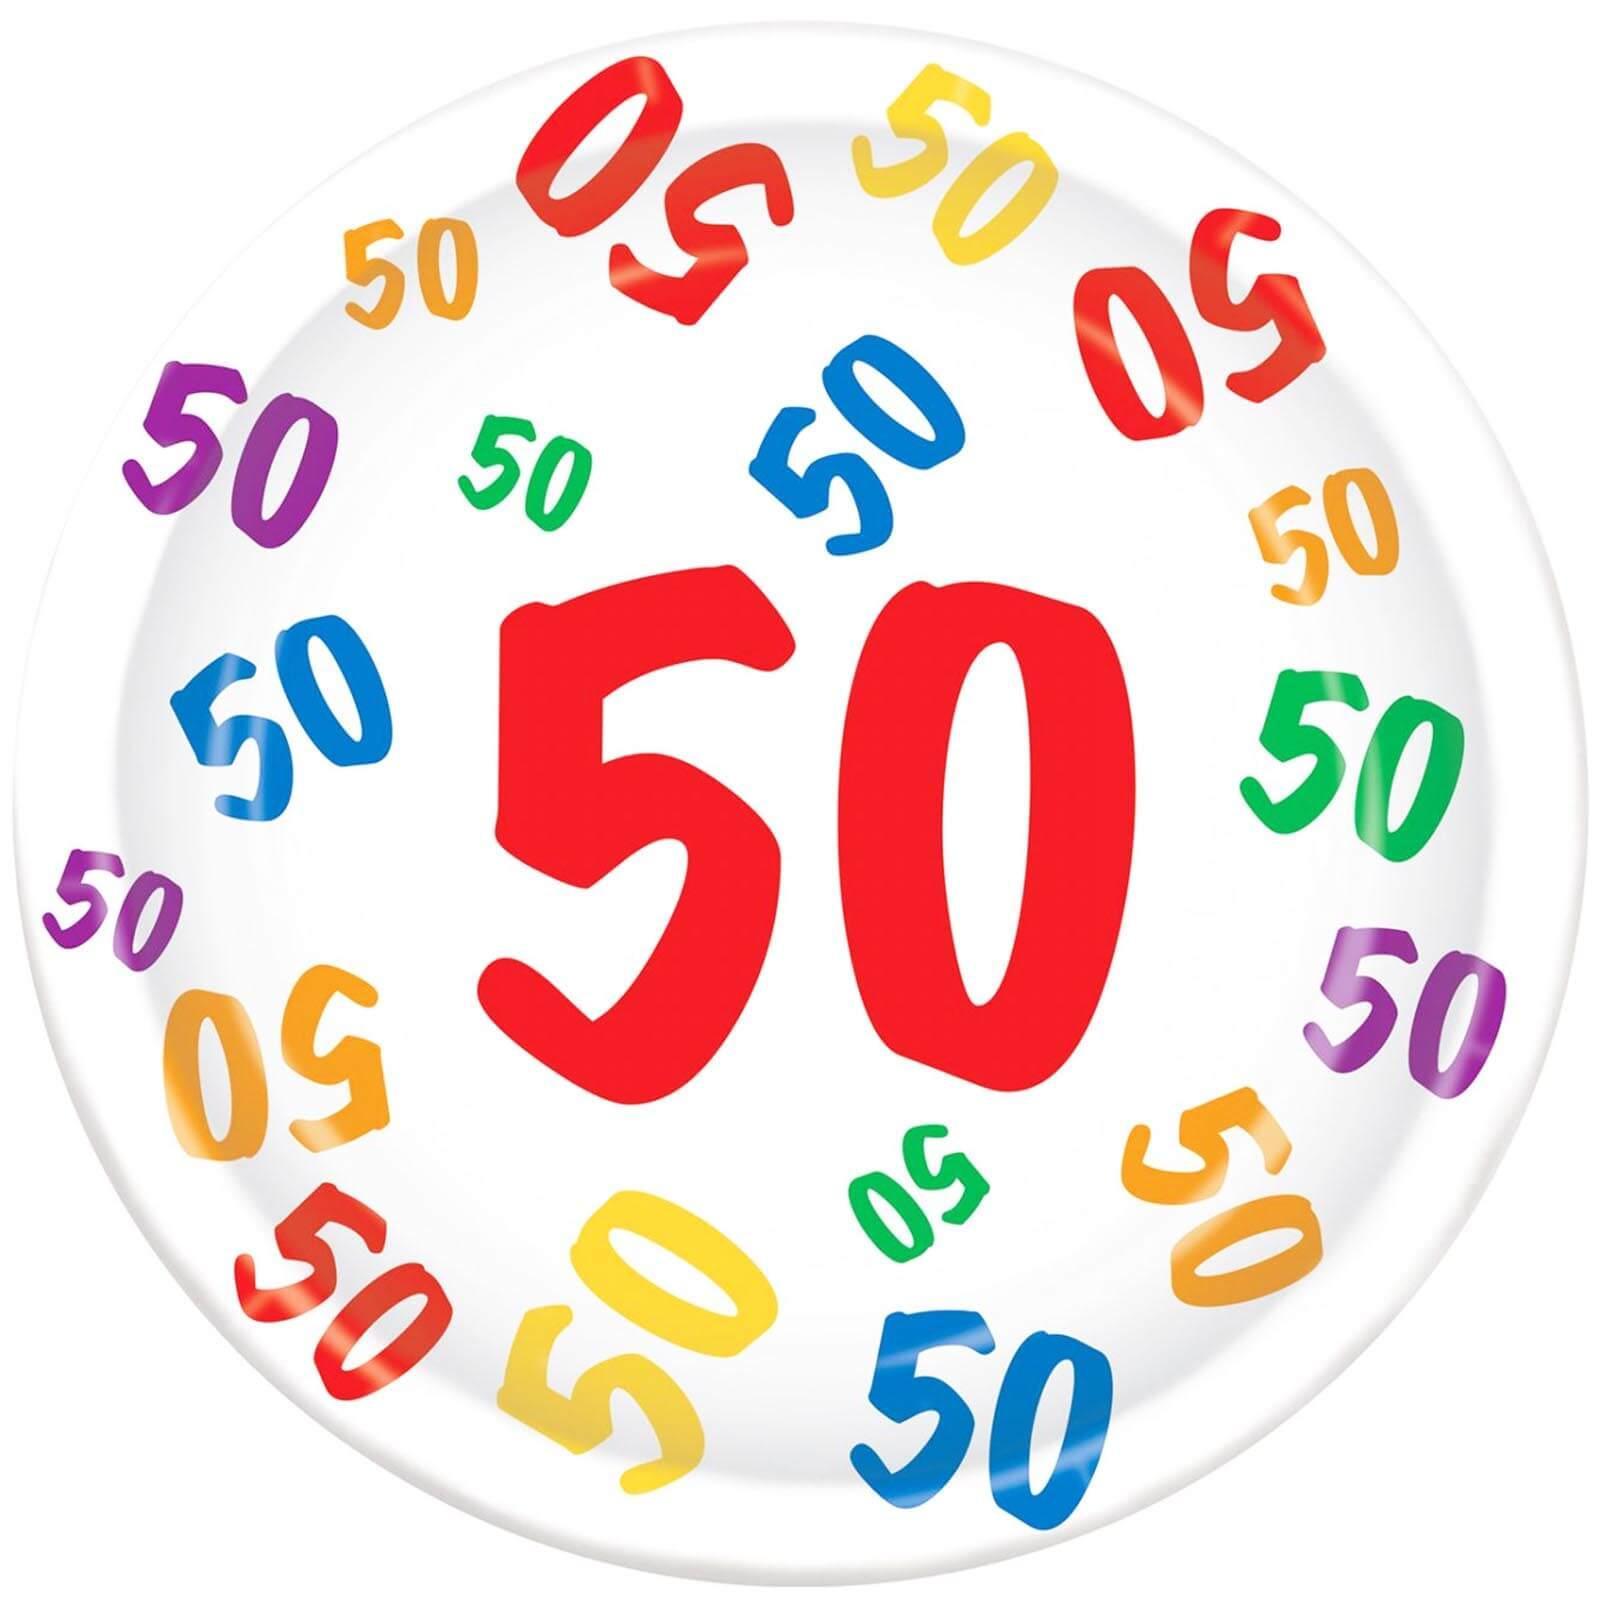 Teller 50 Geburtstag Party Partydeko Partyartikel Für Mottop